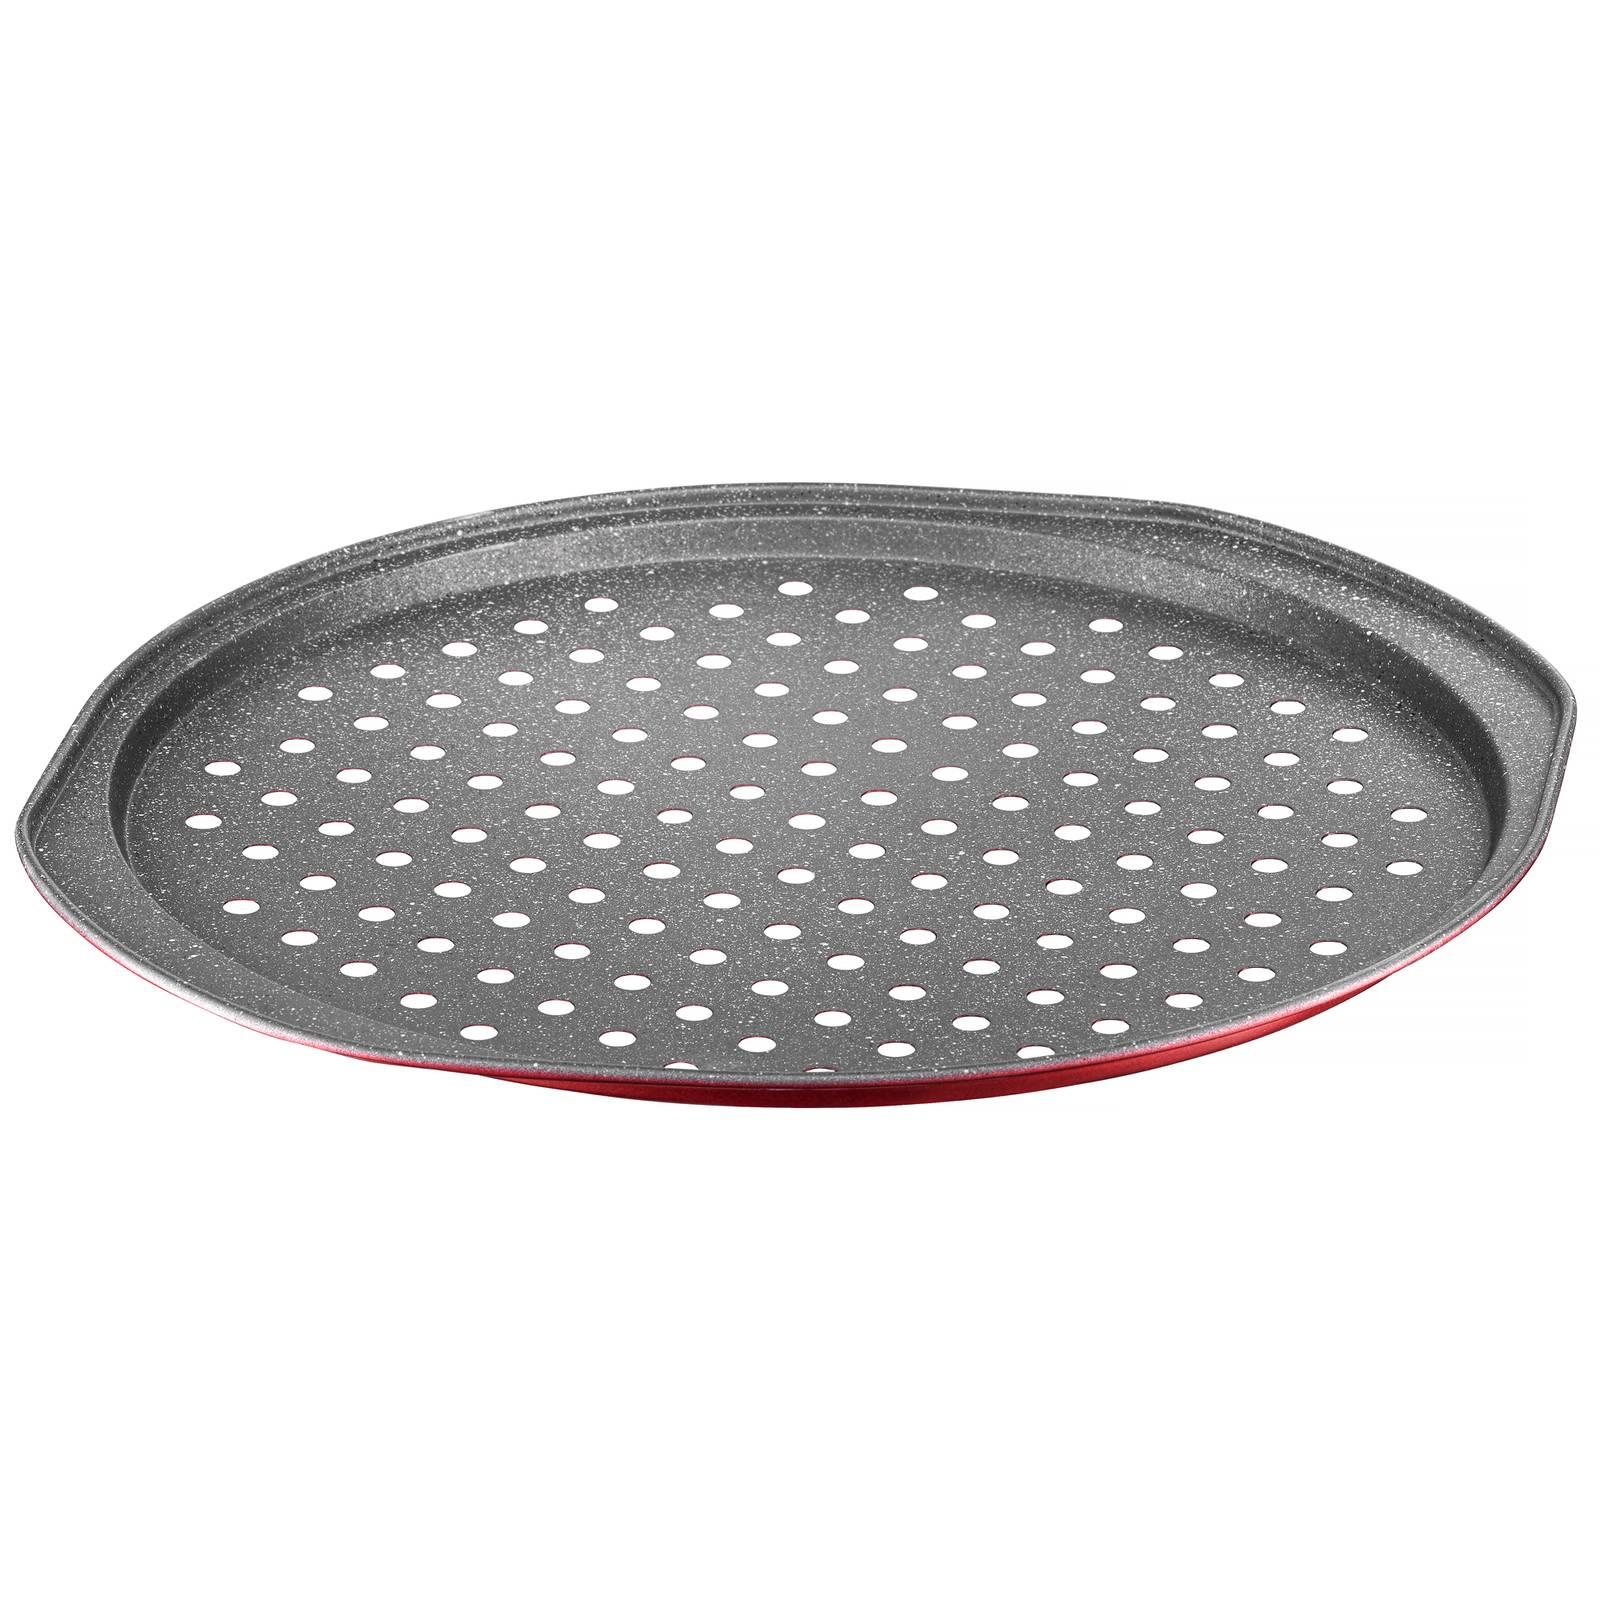 Moule à pizza Cherry 33,5 cm AMBITION